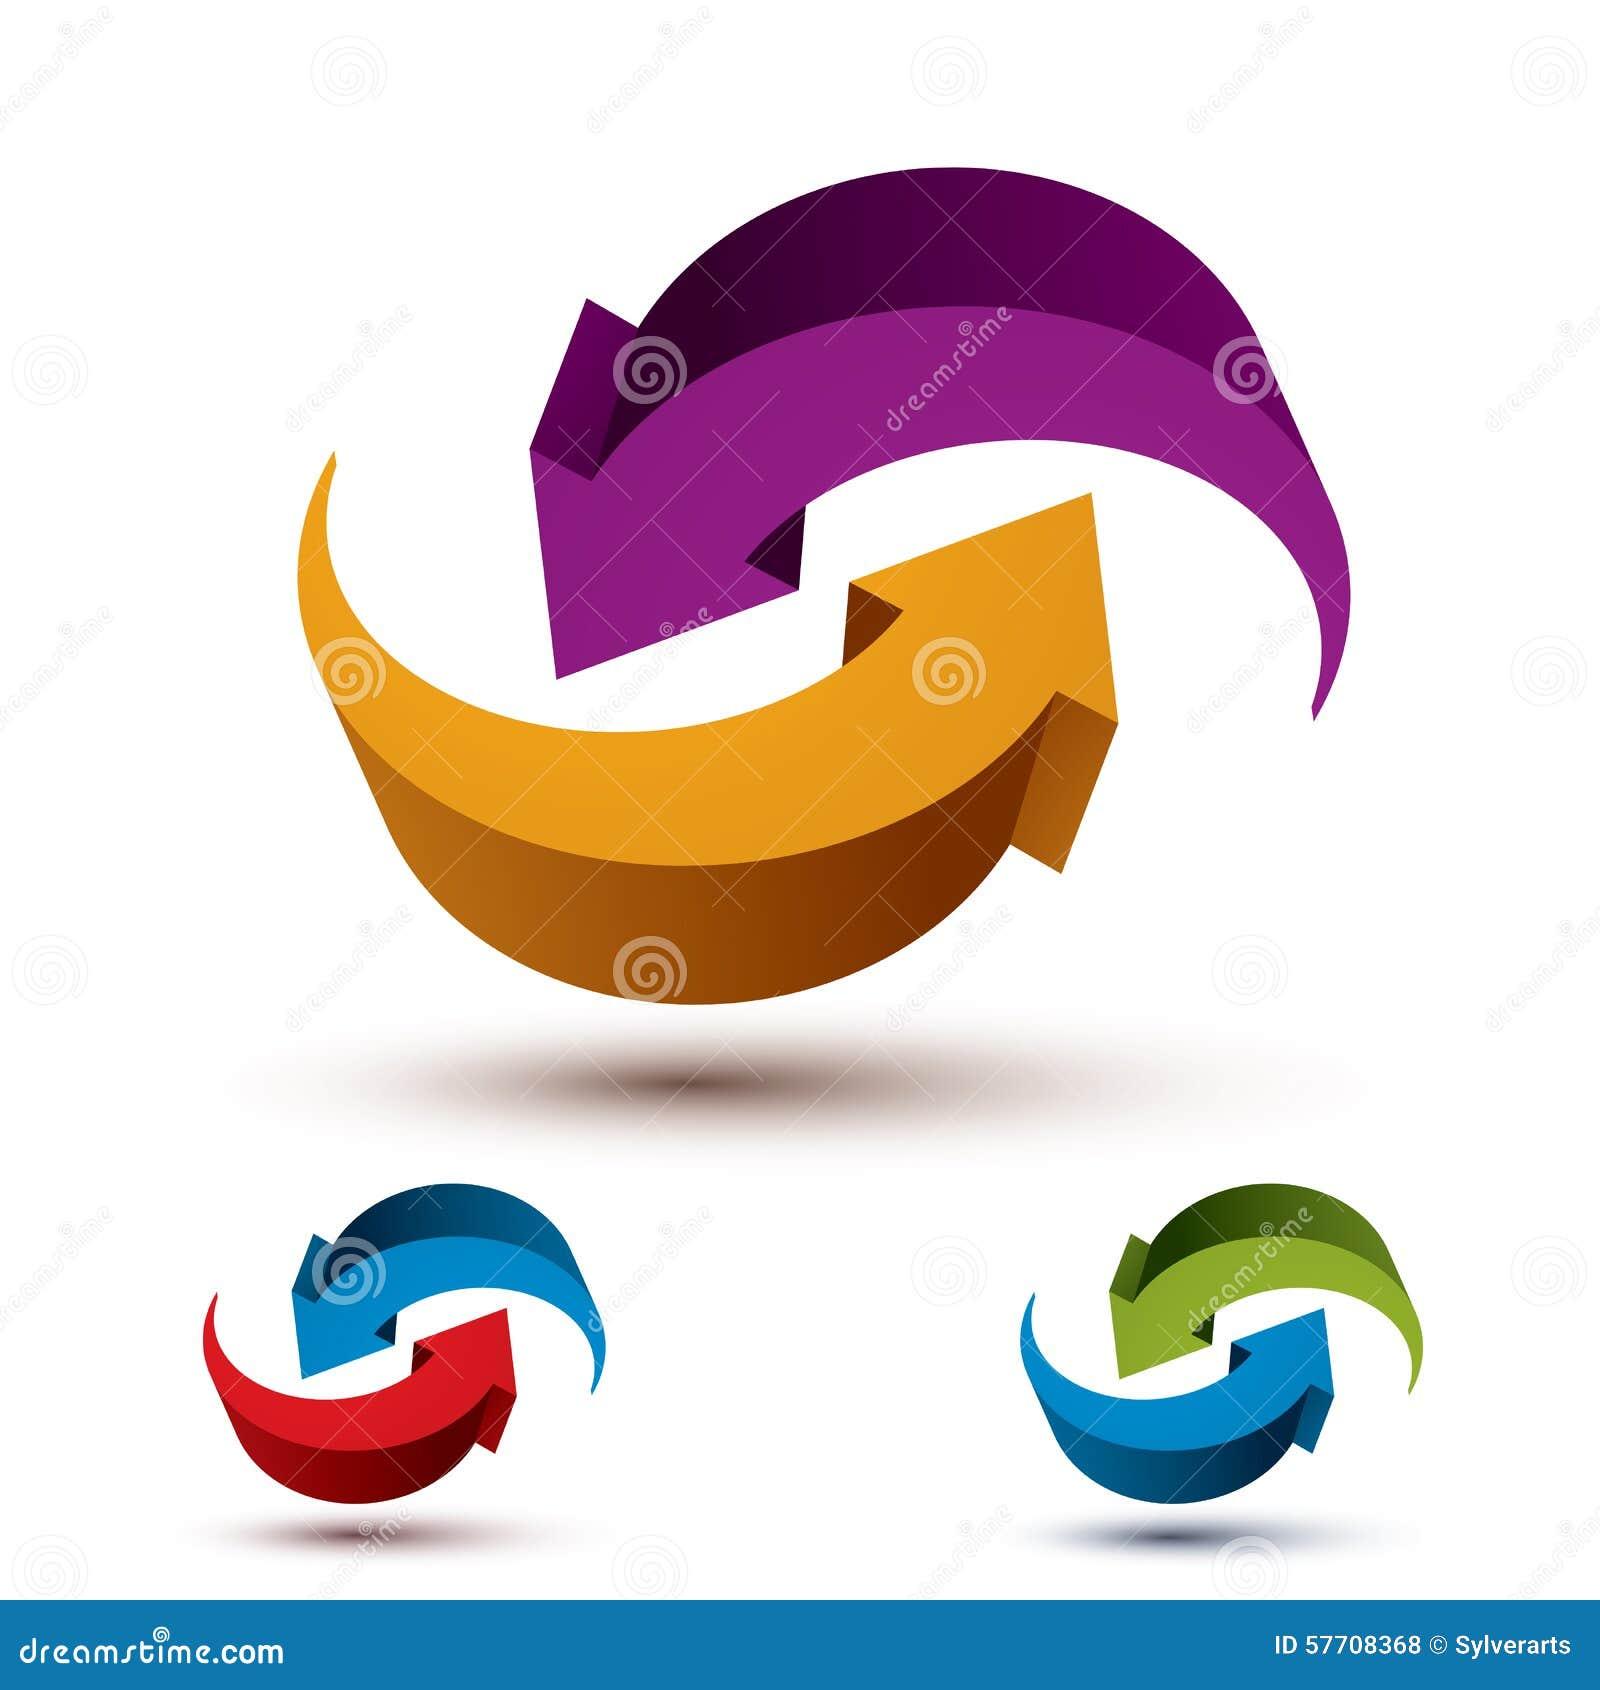 Символ вектора стрелок бесконечного цикла абстрактный, графический дизайн